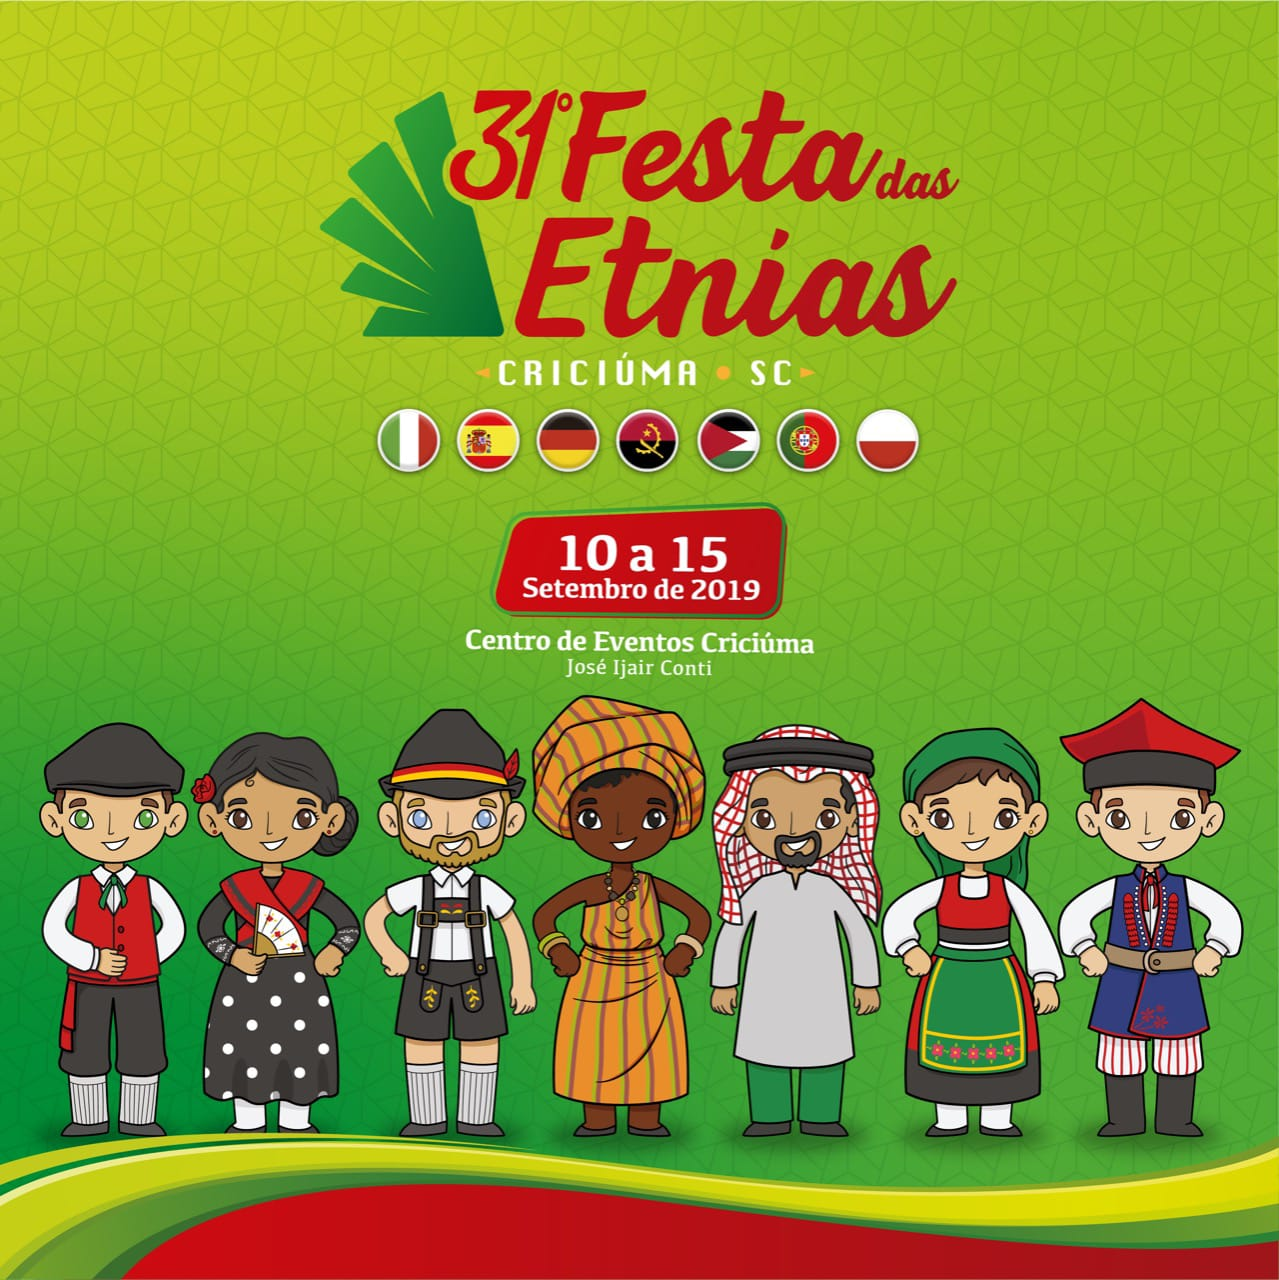 31ª Festa das Etnias começa na próxima terça-feira em Criciúma